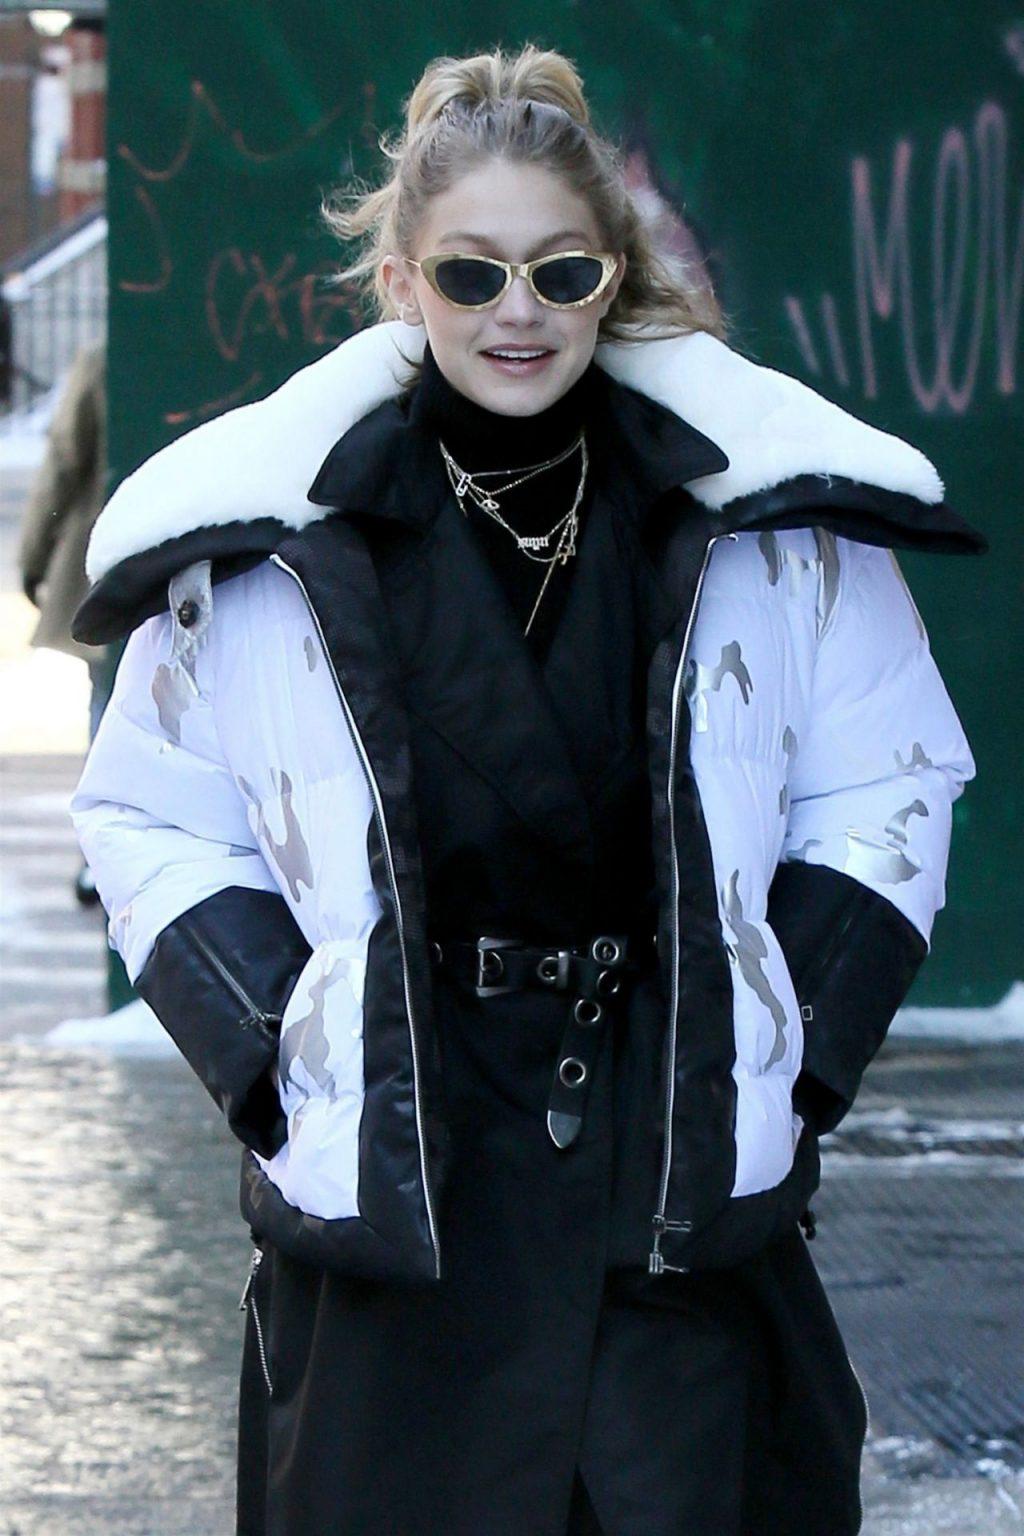 Giá lạnh New York không thể cản bước Gigi Hadid và các chân dài mặc đẹp